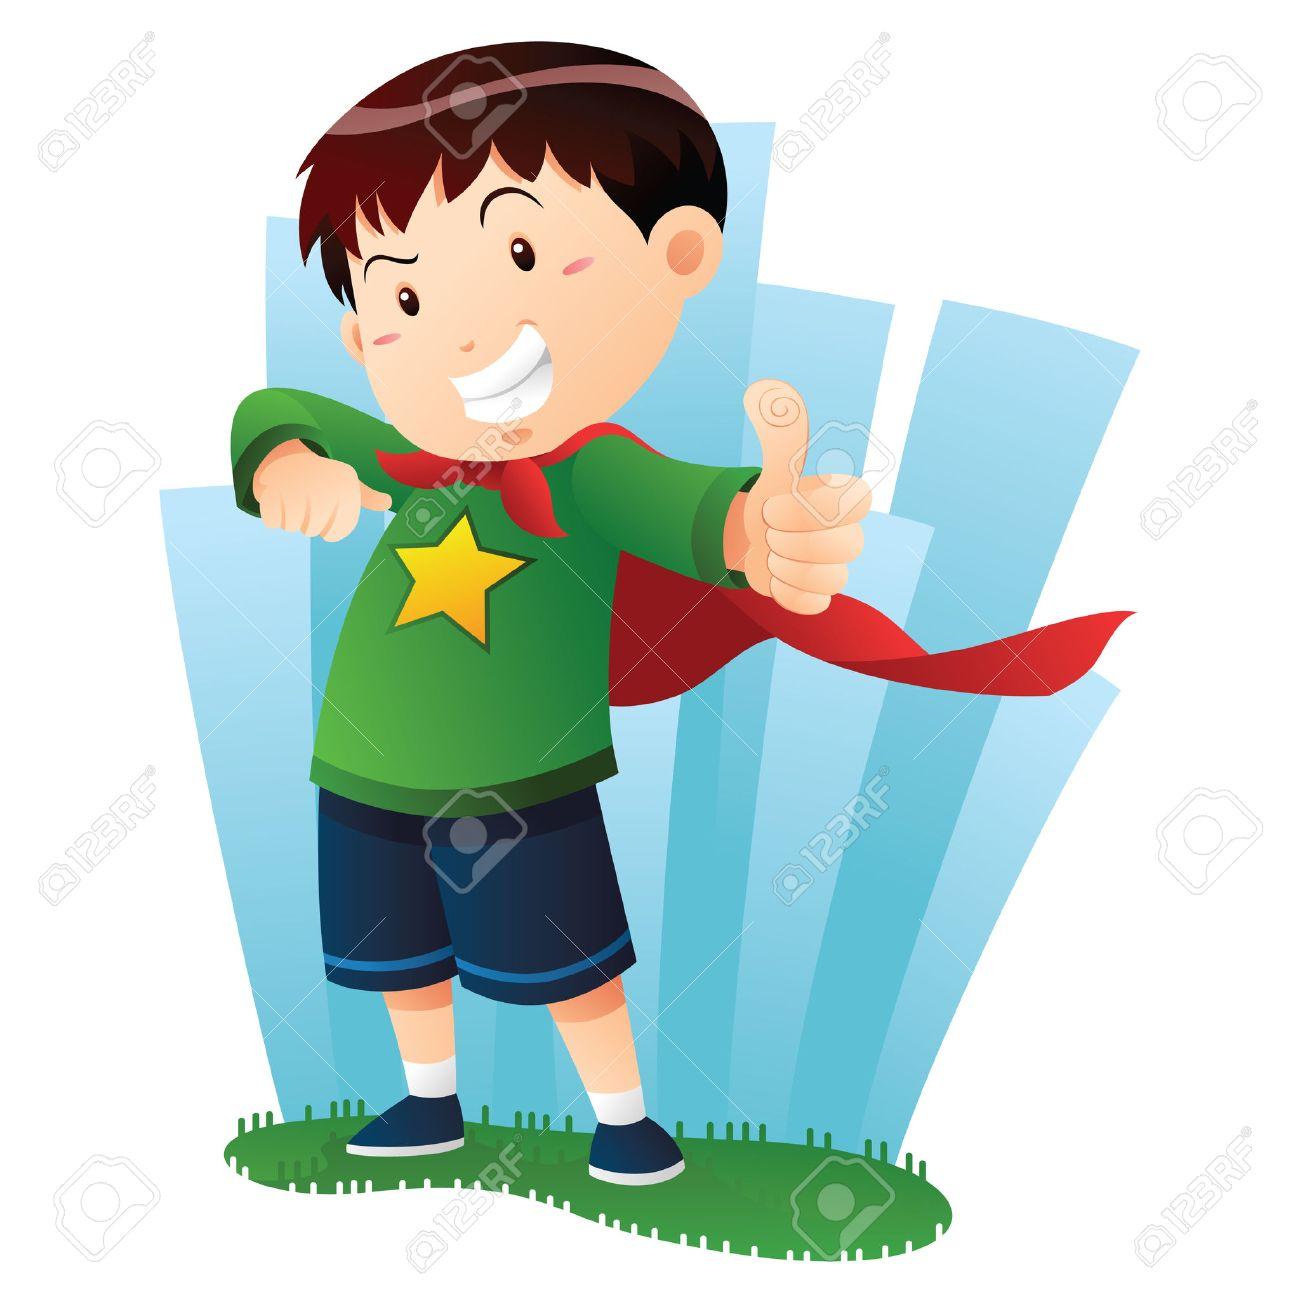 Action Boy Stock Vector - 10416692